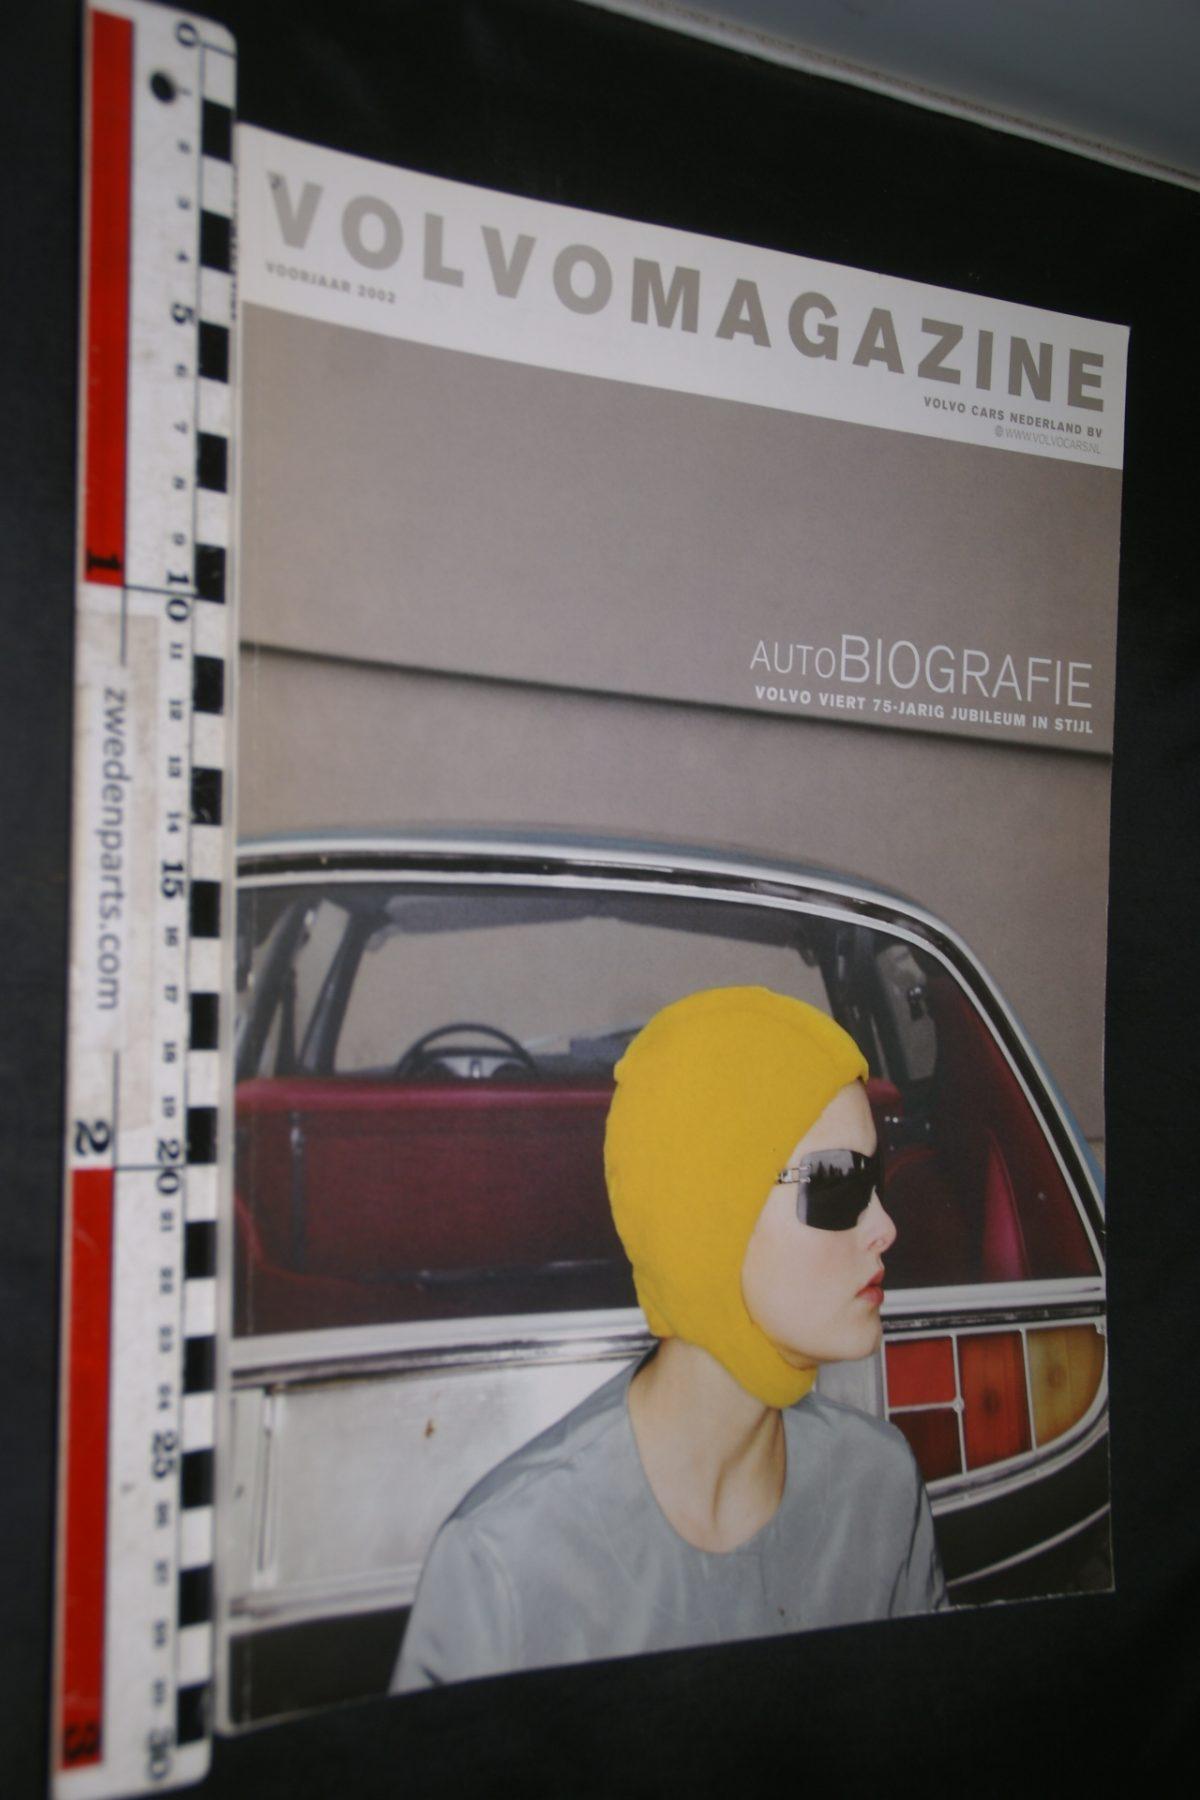 DSC04204 2002 voorjaar tijdschrift Volvomagazine 75 jaar jubileum